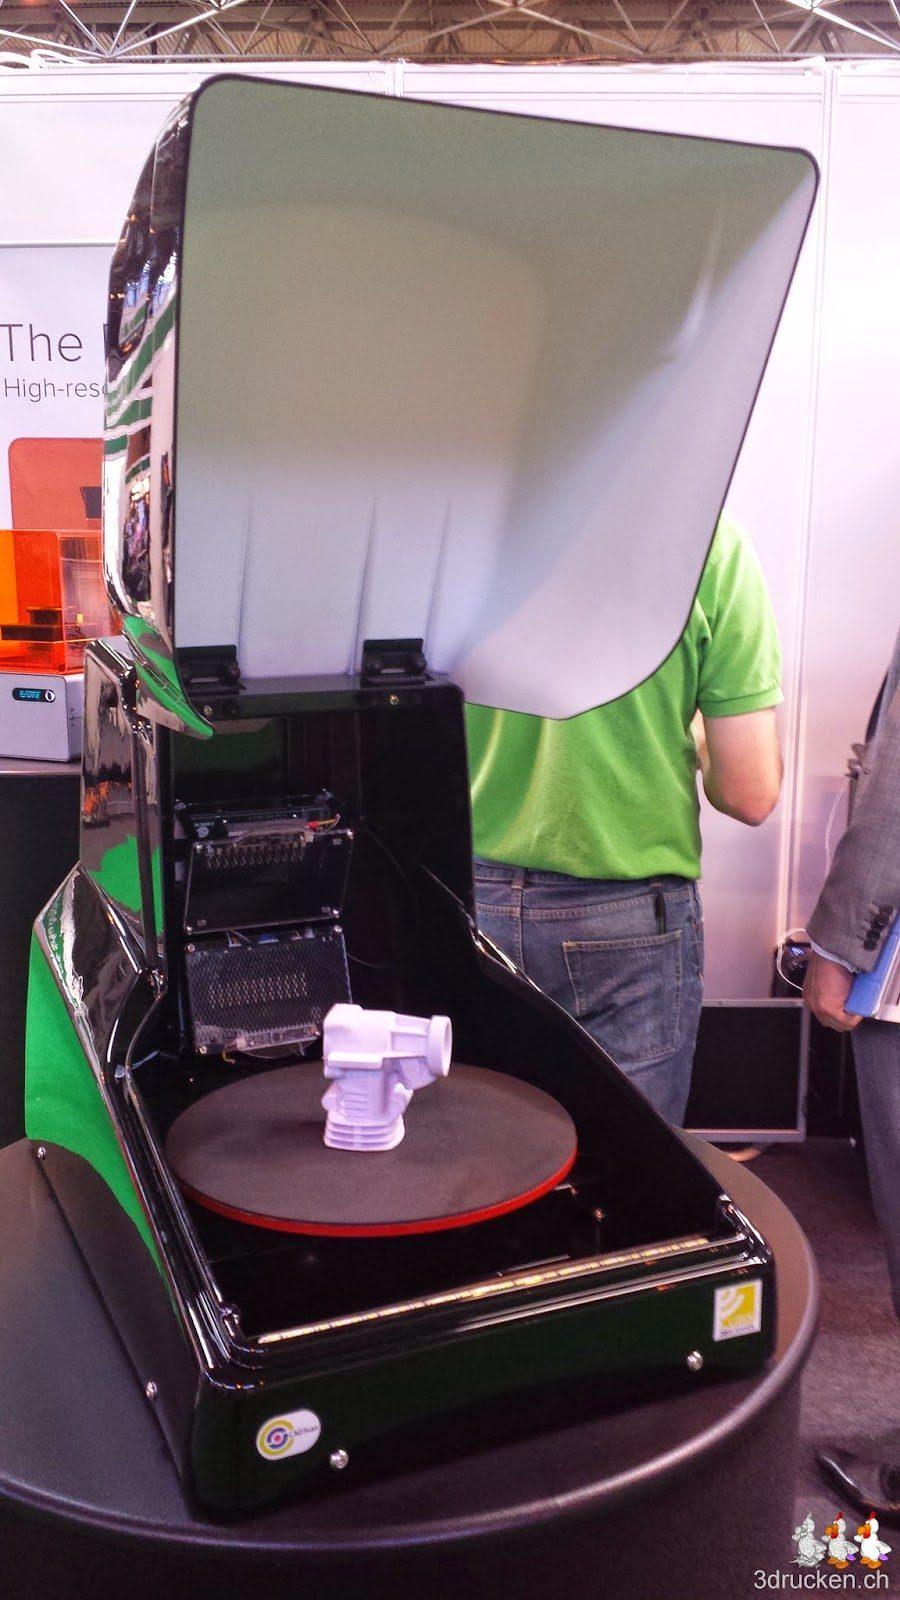 Foto eines Cubik 3D-Scanners mit geöffneter Abdeckung